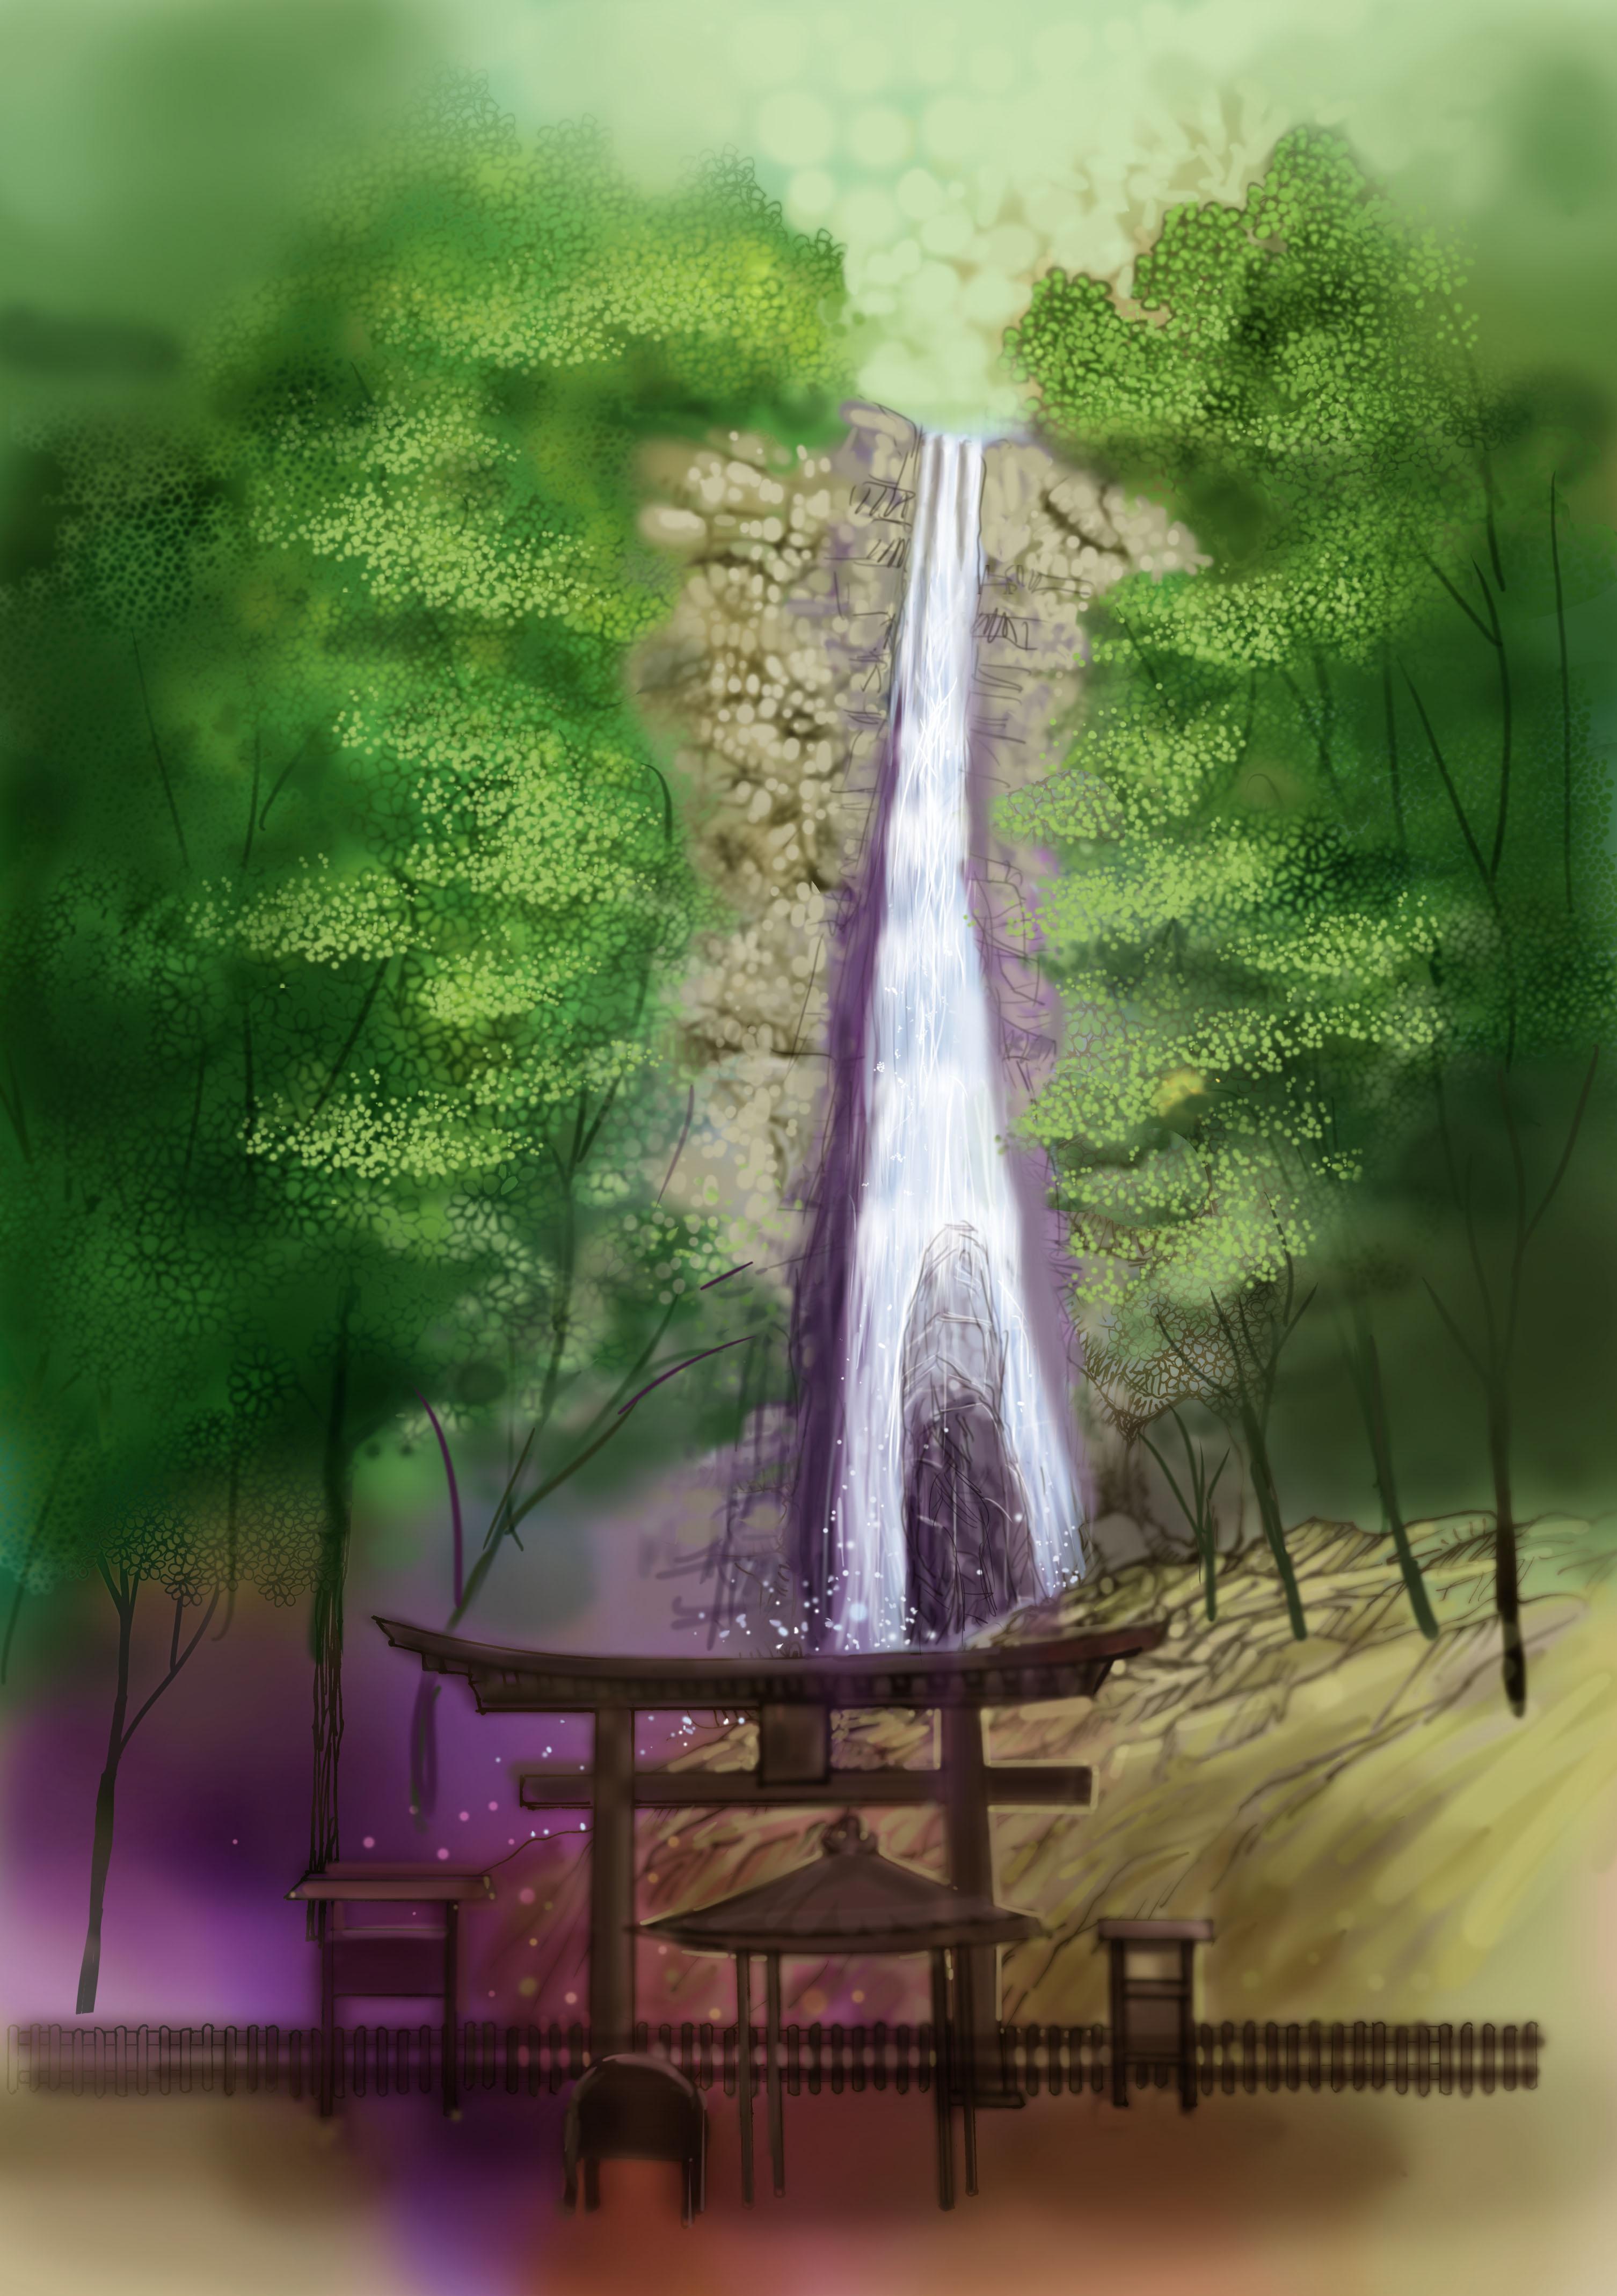 070-那智の滝_4c_merge